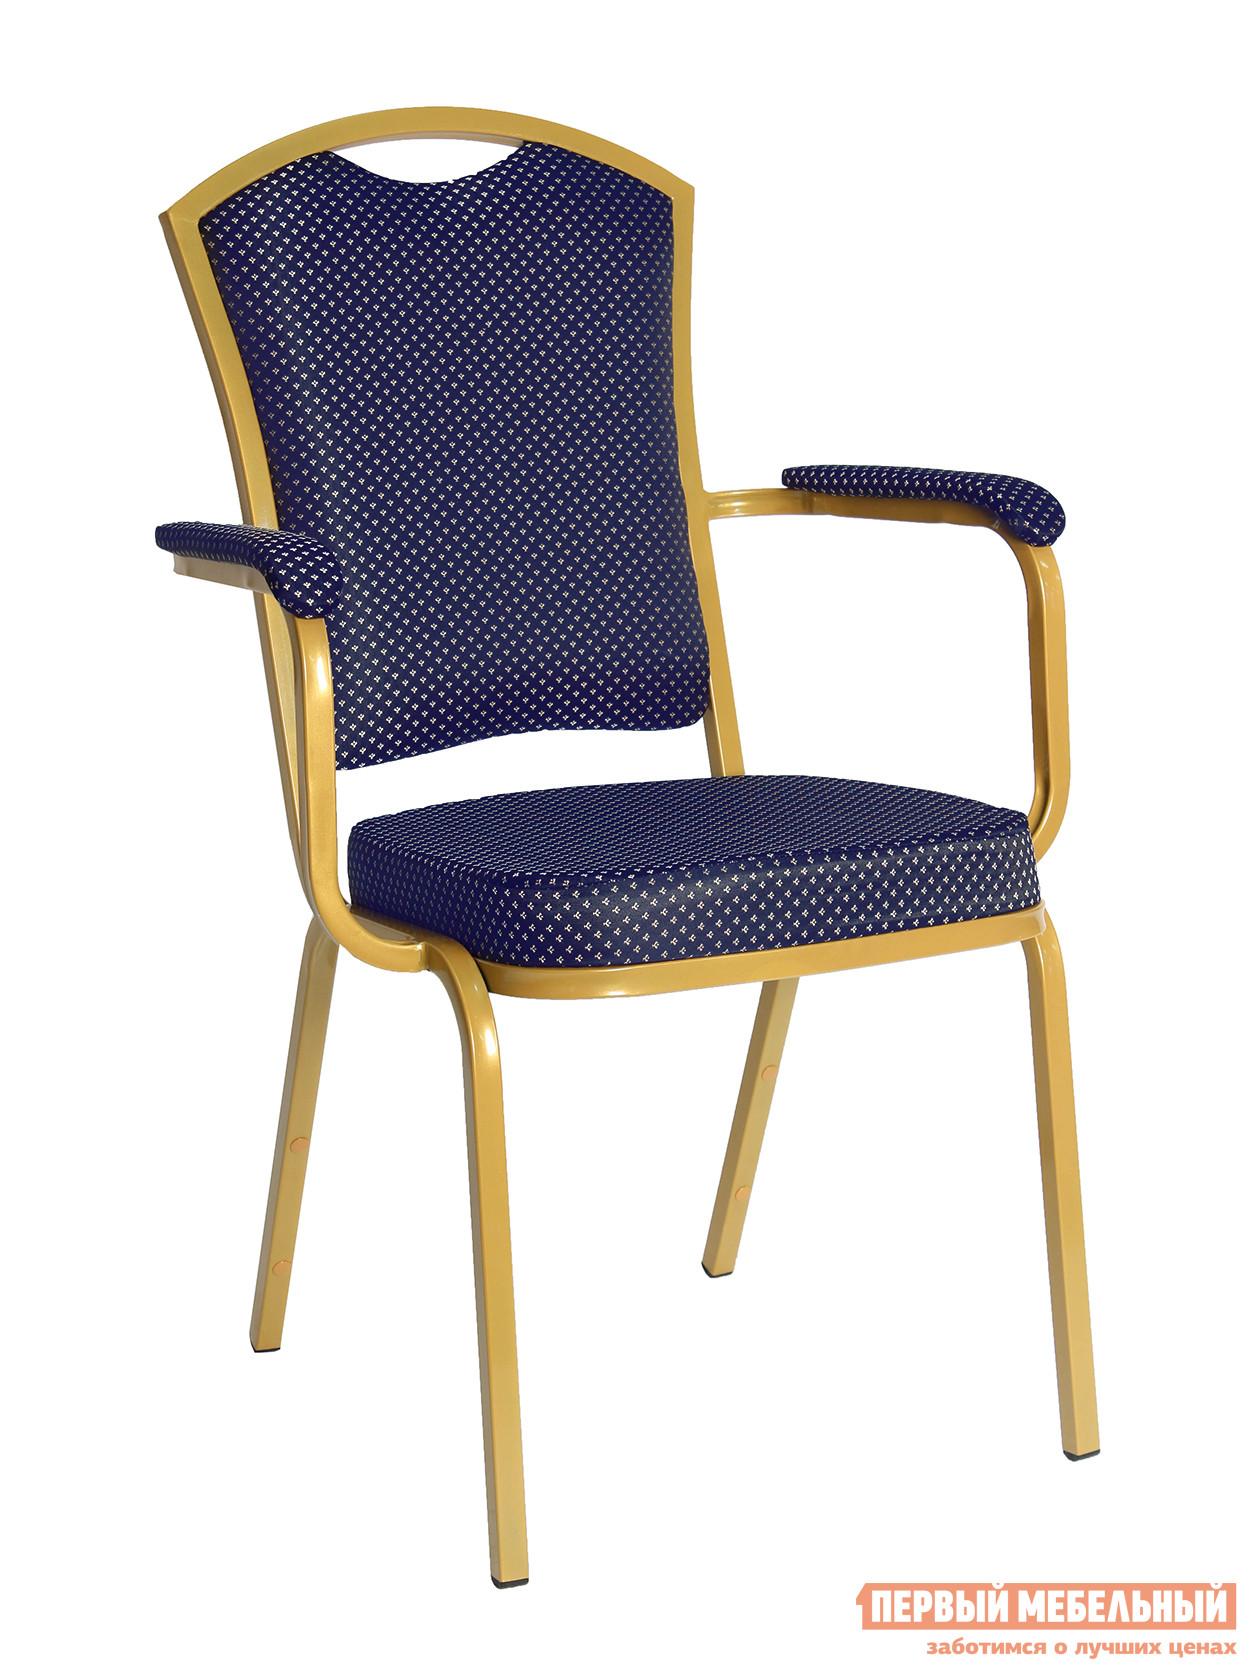 Банкетный стул с подлокотниками Stool Group Кремон-П gramercy стул с подлокотниками louis arm chair